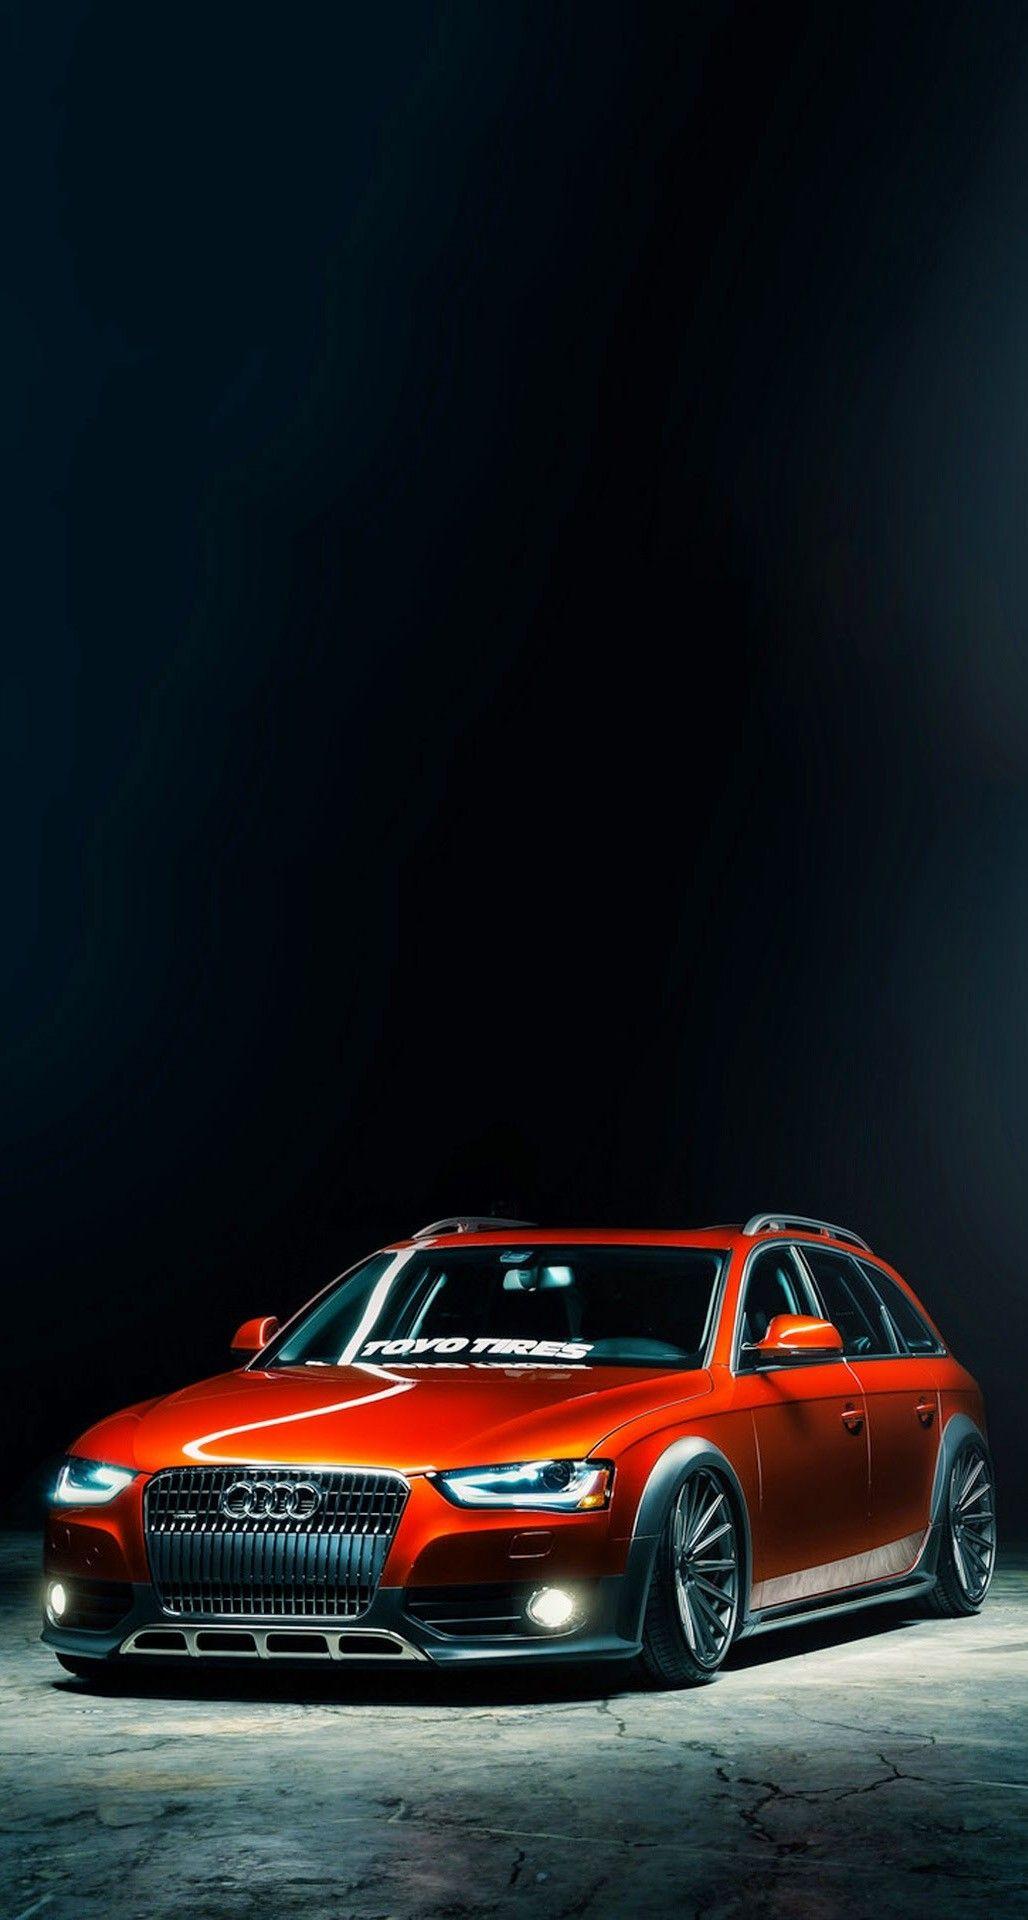 Slammed Audi A4 Allroad Wallpaper Audi A4 4 Door Sports Cars Car Iphone Wallpaper